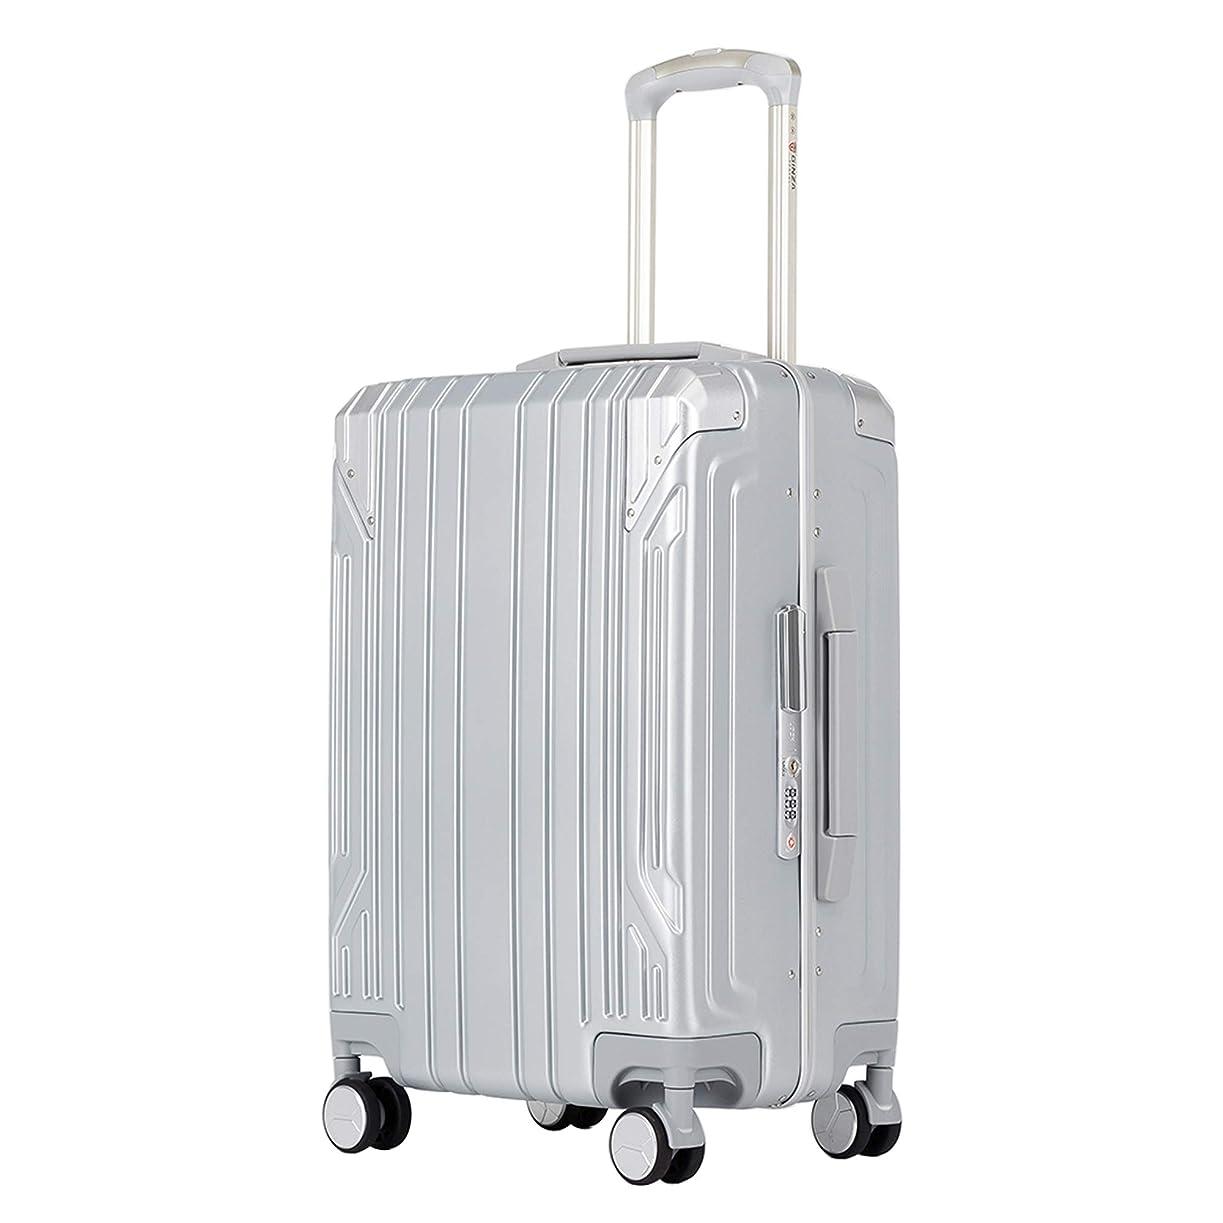 哀れな健康的州クロース(Kroeus)スーツケース キャリーケース PC100%ボディ高強度 TSAロック搭載 8輪 アルミフレーム S型機内持ち込み可 日本語取扱説明書 1年間保証付き